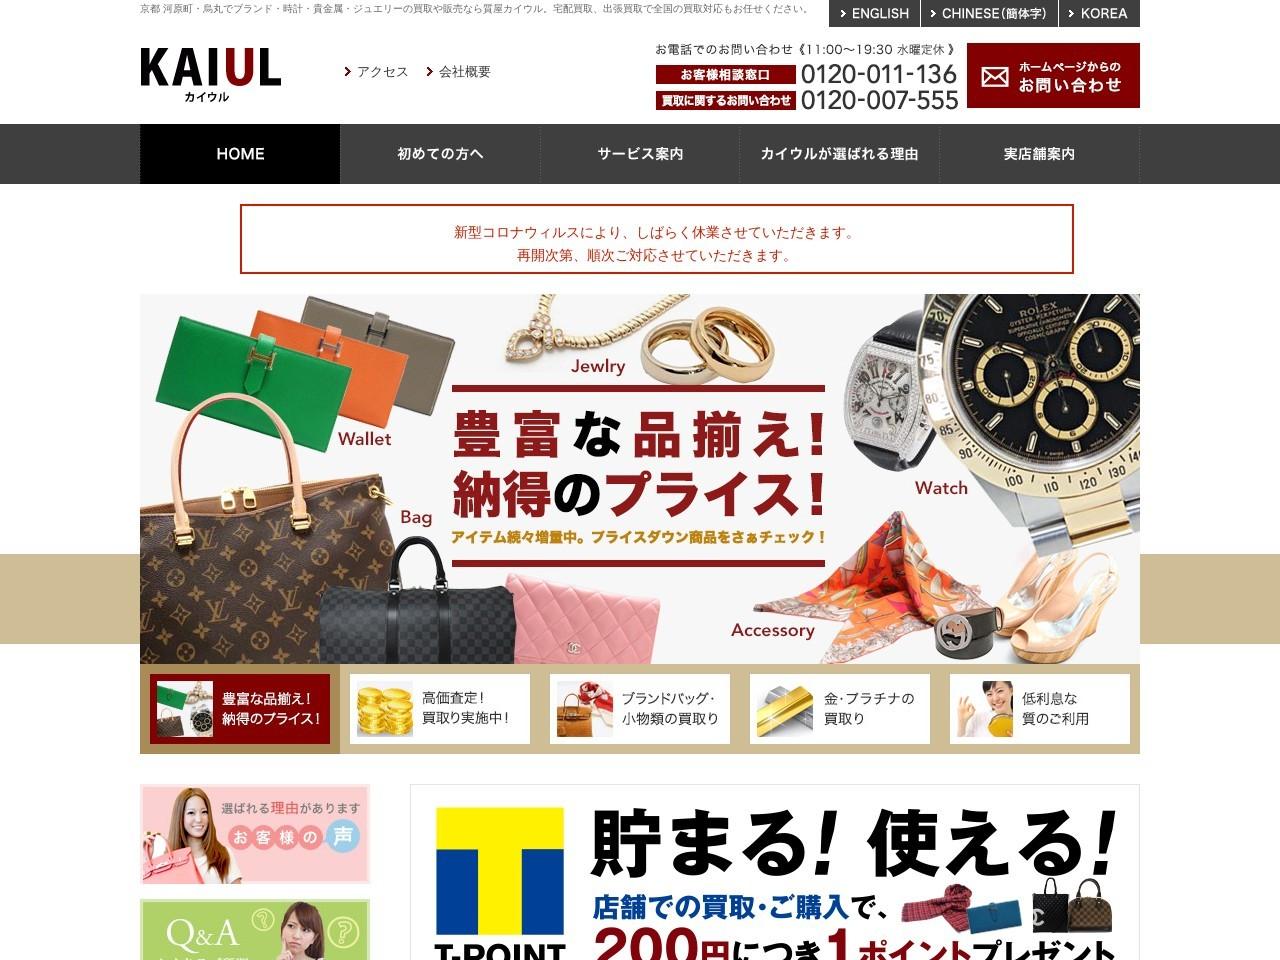 京都 河原町・烏丸でブランド・時計・貴金属・ジュエリーの買取や販売なら質屋カイウル